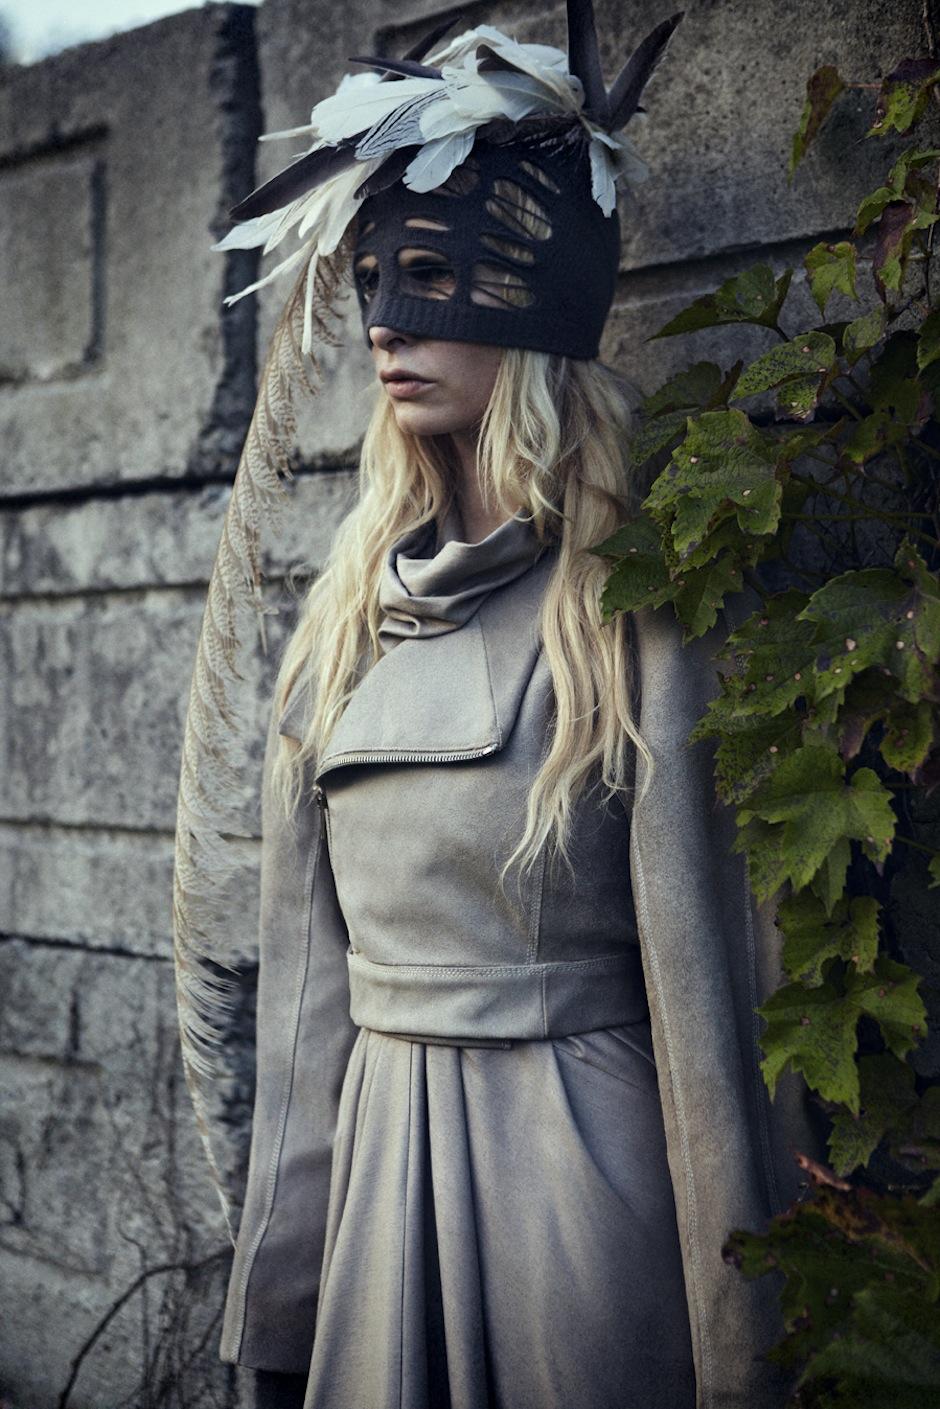 Christina Kruse by Jeff Elstone (Freyja - StyleZeitgeist #3 Fall 2012) 12.jpg